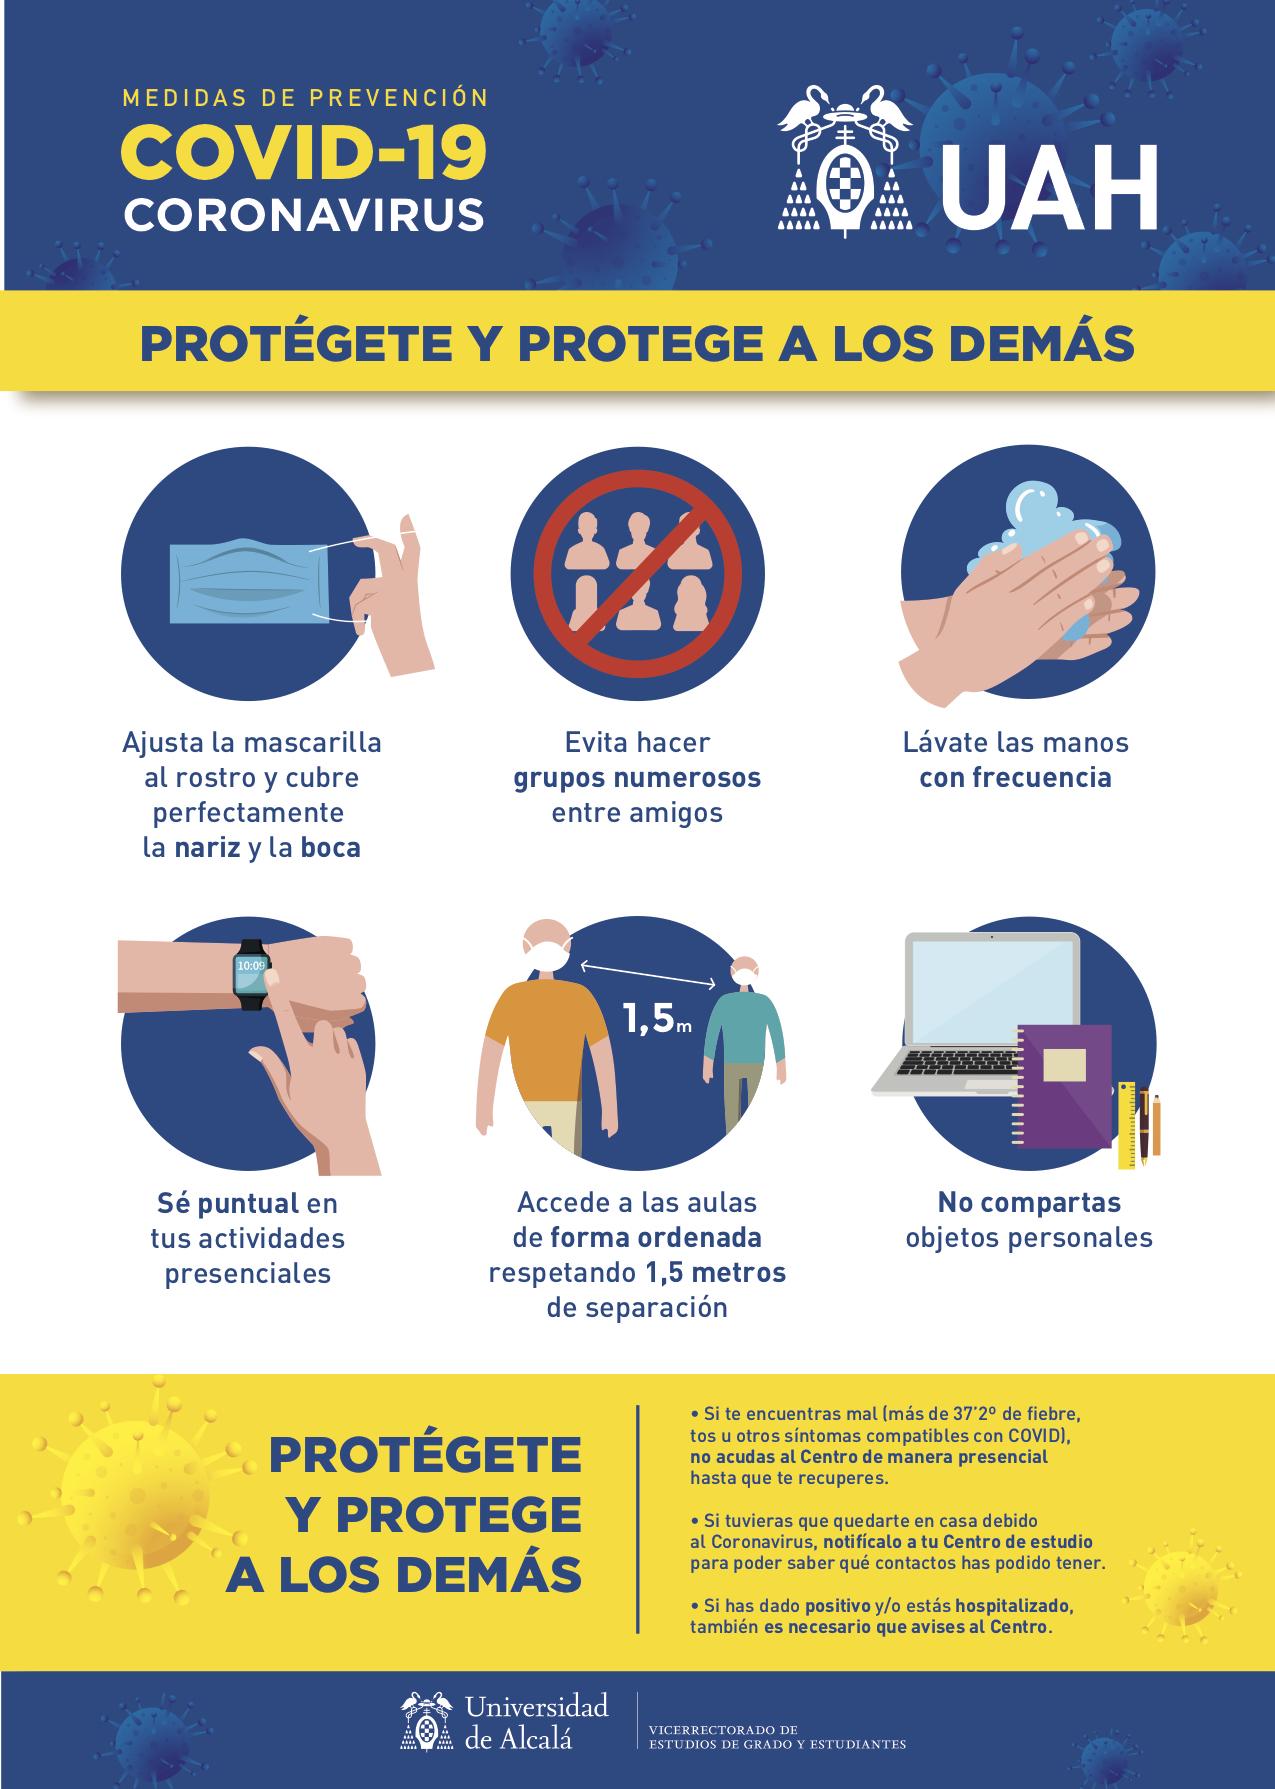 data-cke-saved-src=http://escuelapolitecnica.uah.es/noticias/docs/medidasprevencioncovid.jpg